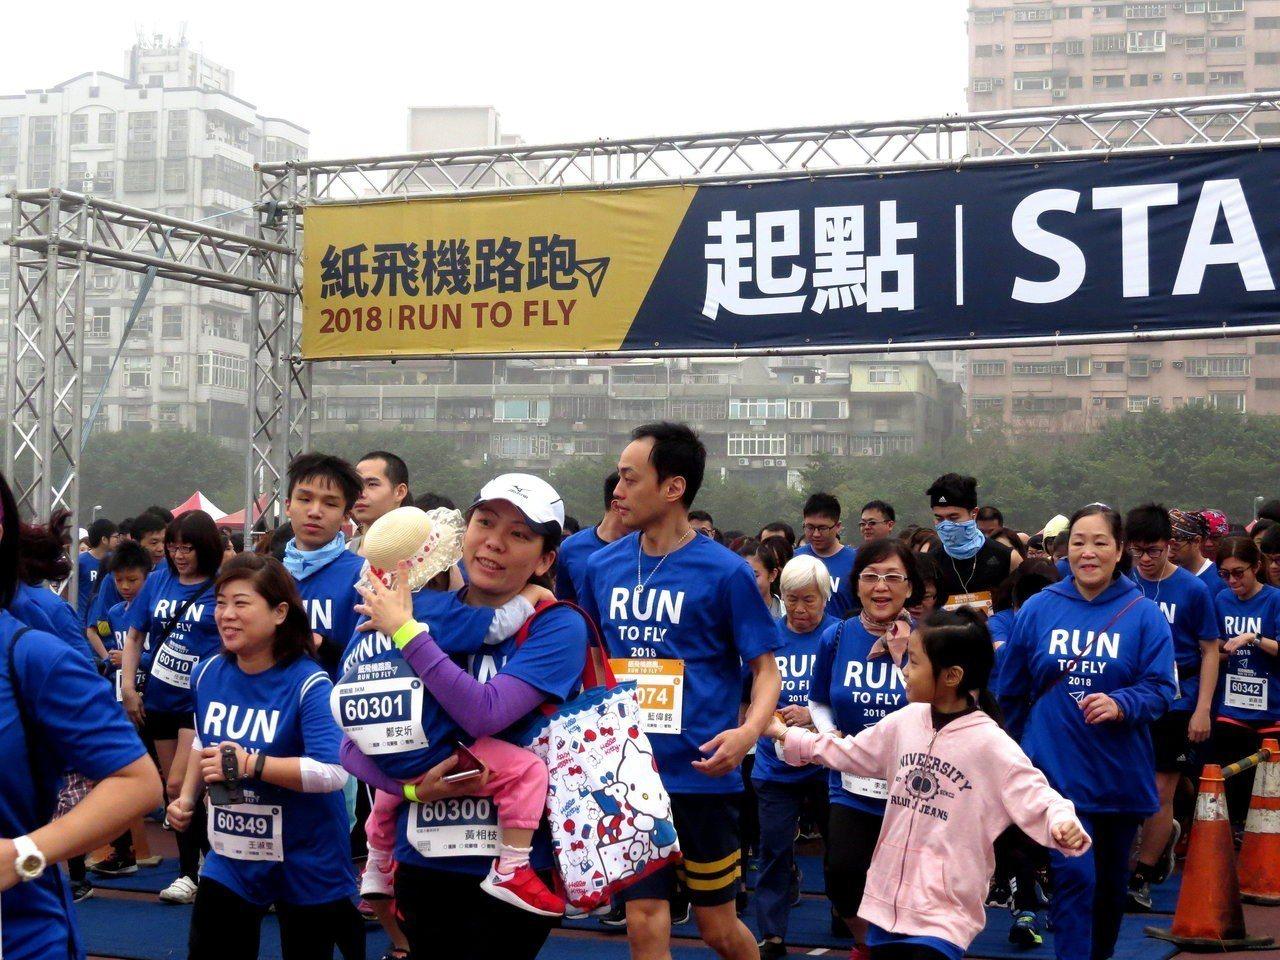 由台北大學休運系學生自行辦理的「紙飛機路跑」今天開跑,共有2千多名民眾參與,許多...